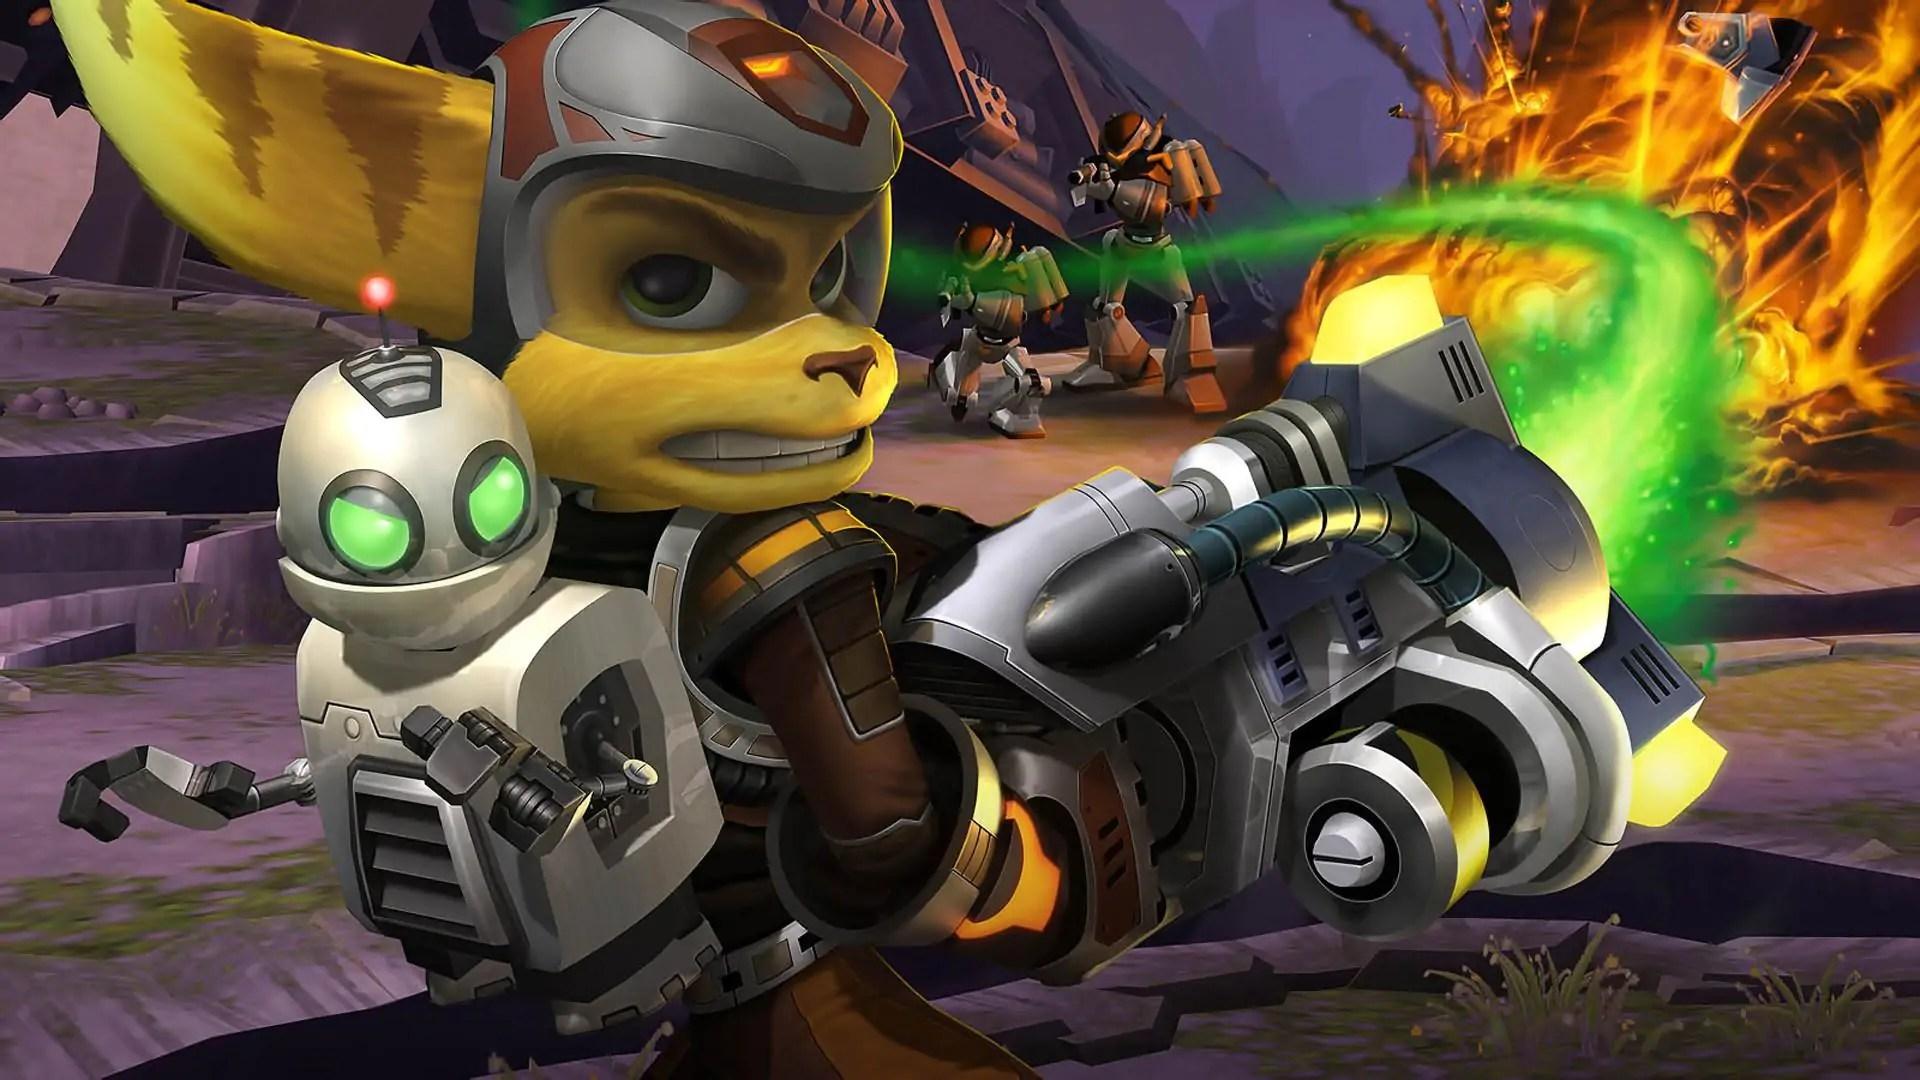 Ratchet & Clank receberá update para rodar a 60FPS no PS5